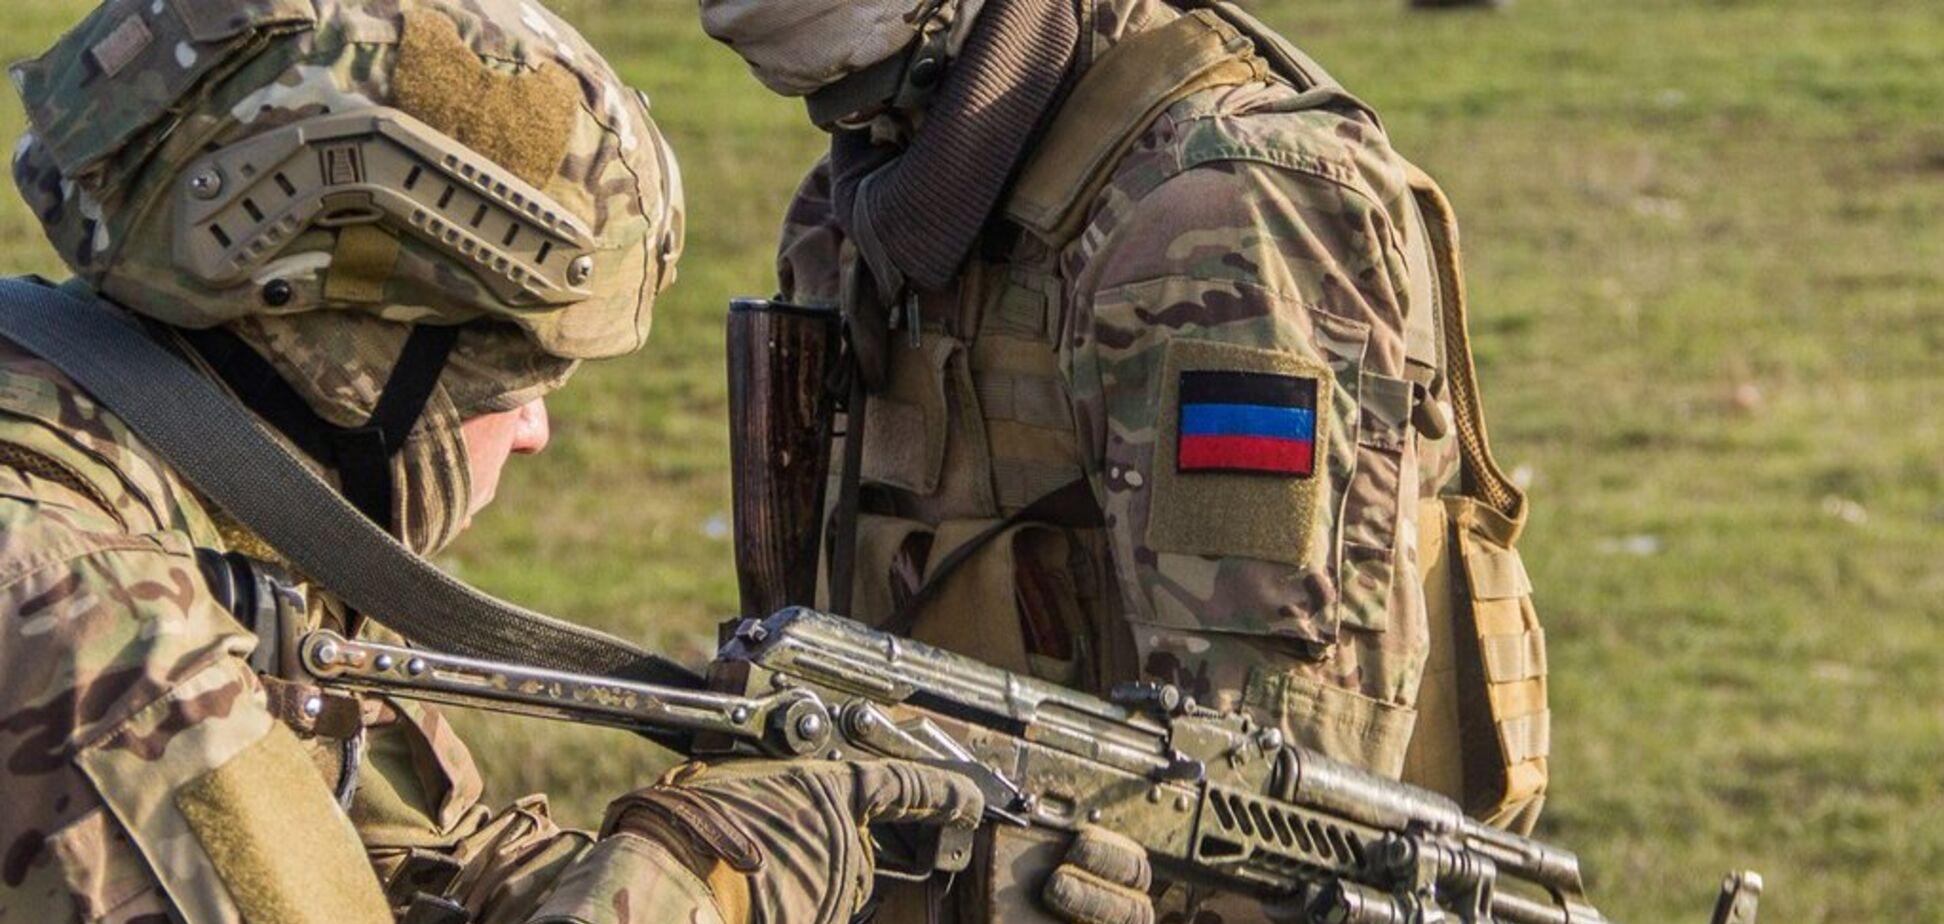 'Бригада 200': в сеть попало видео ликвидации группы террористов 'Л/ДНР'